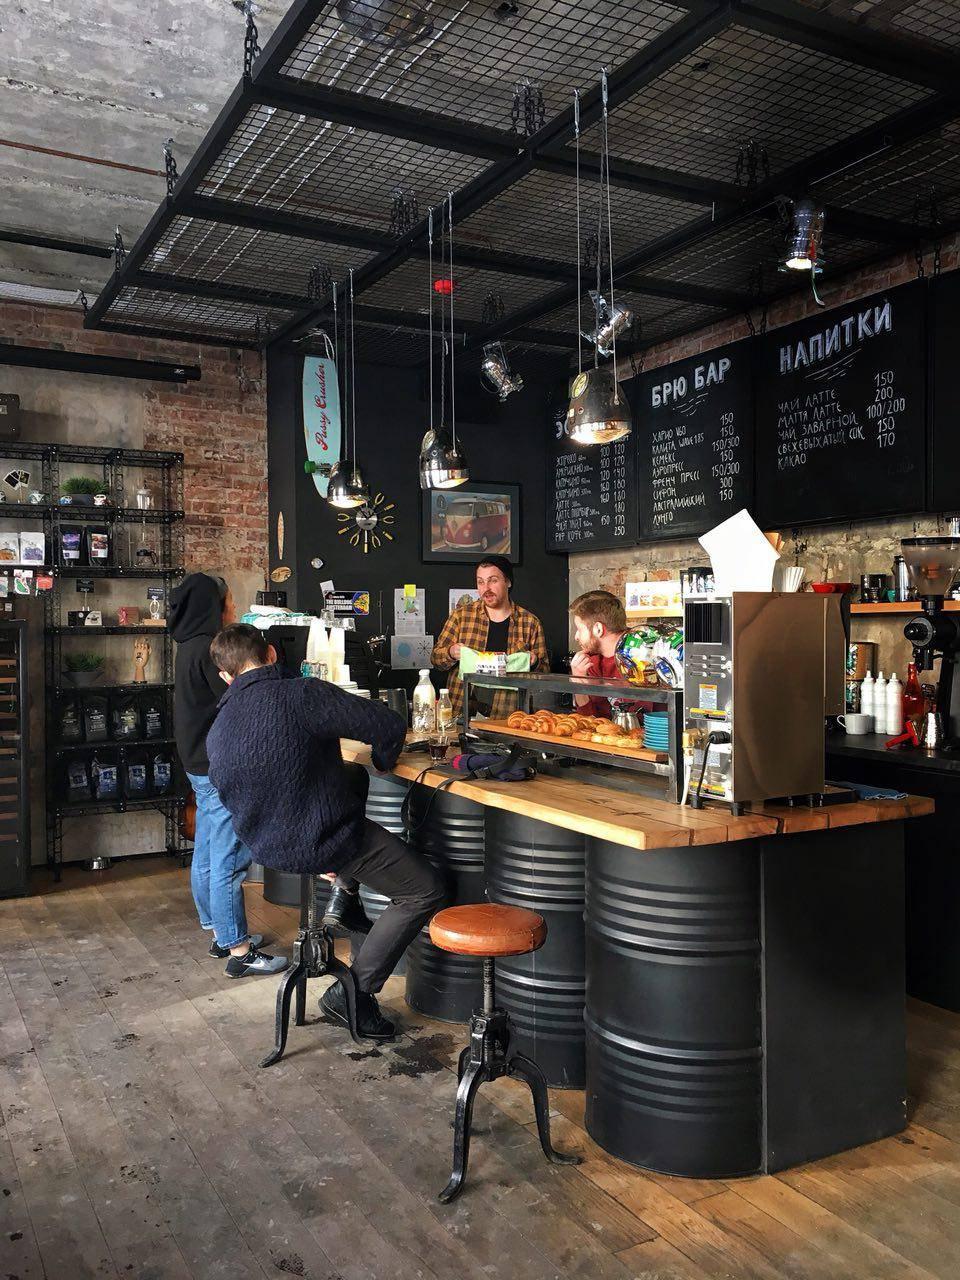 Профессионализм и желательные компетенции. Стоит ли вам открывать кофейню?